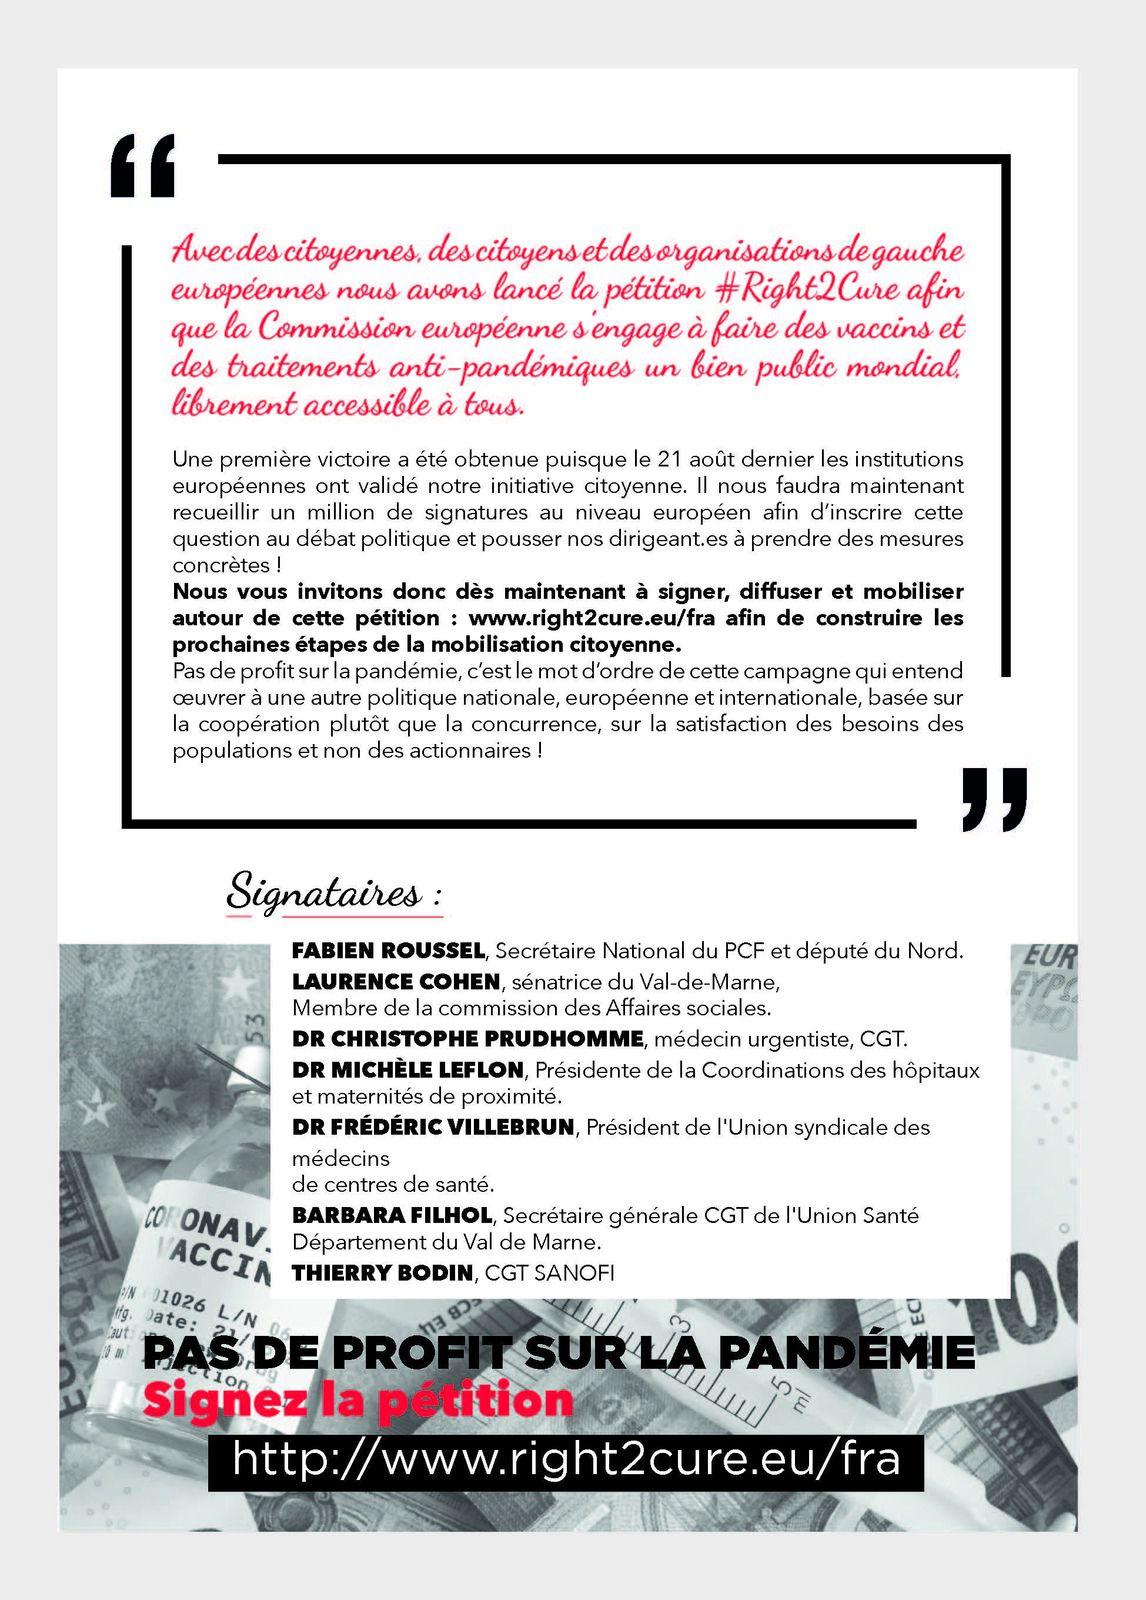 PCF - POUR SORTIR DE LA CRISE UNE SEULE SOLUTION : INVESTISSONS DANS L'EMPLOI, LA SECRURITE SOCIALE ET LES SERVICES PUBLICS